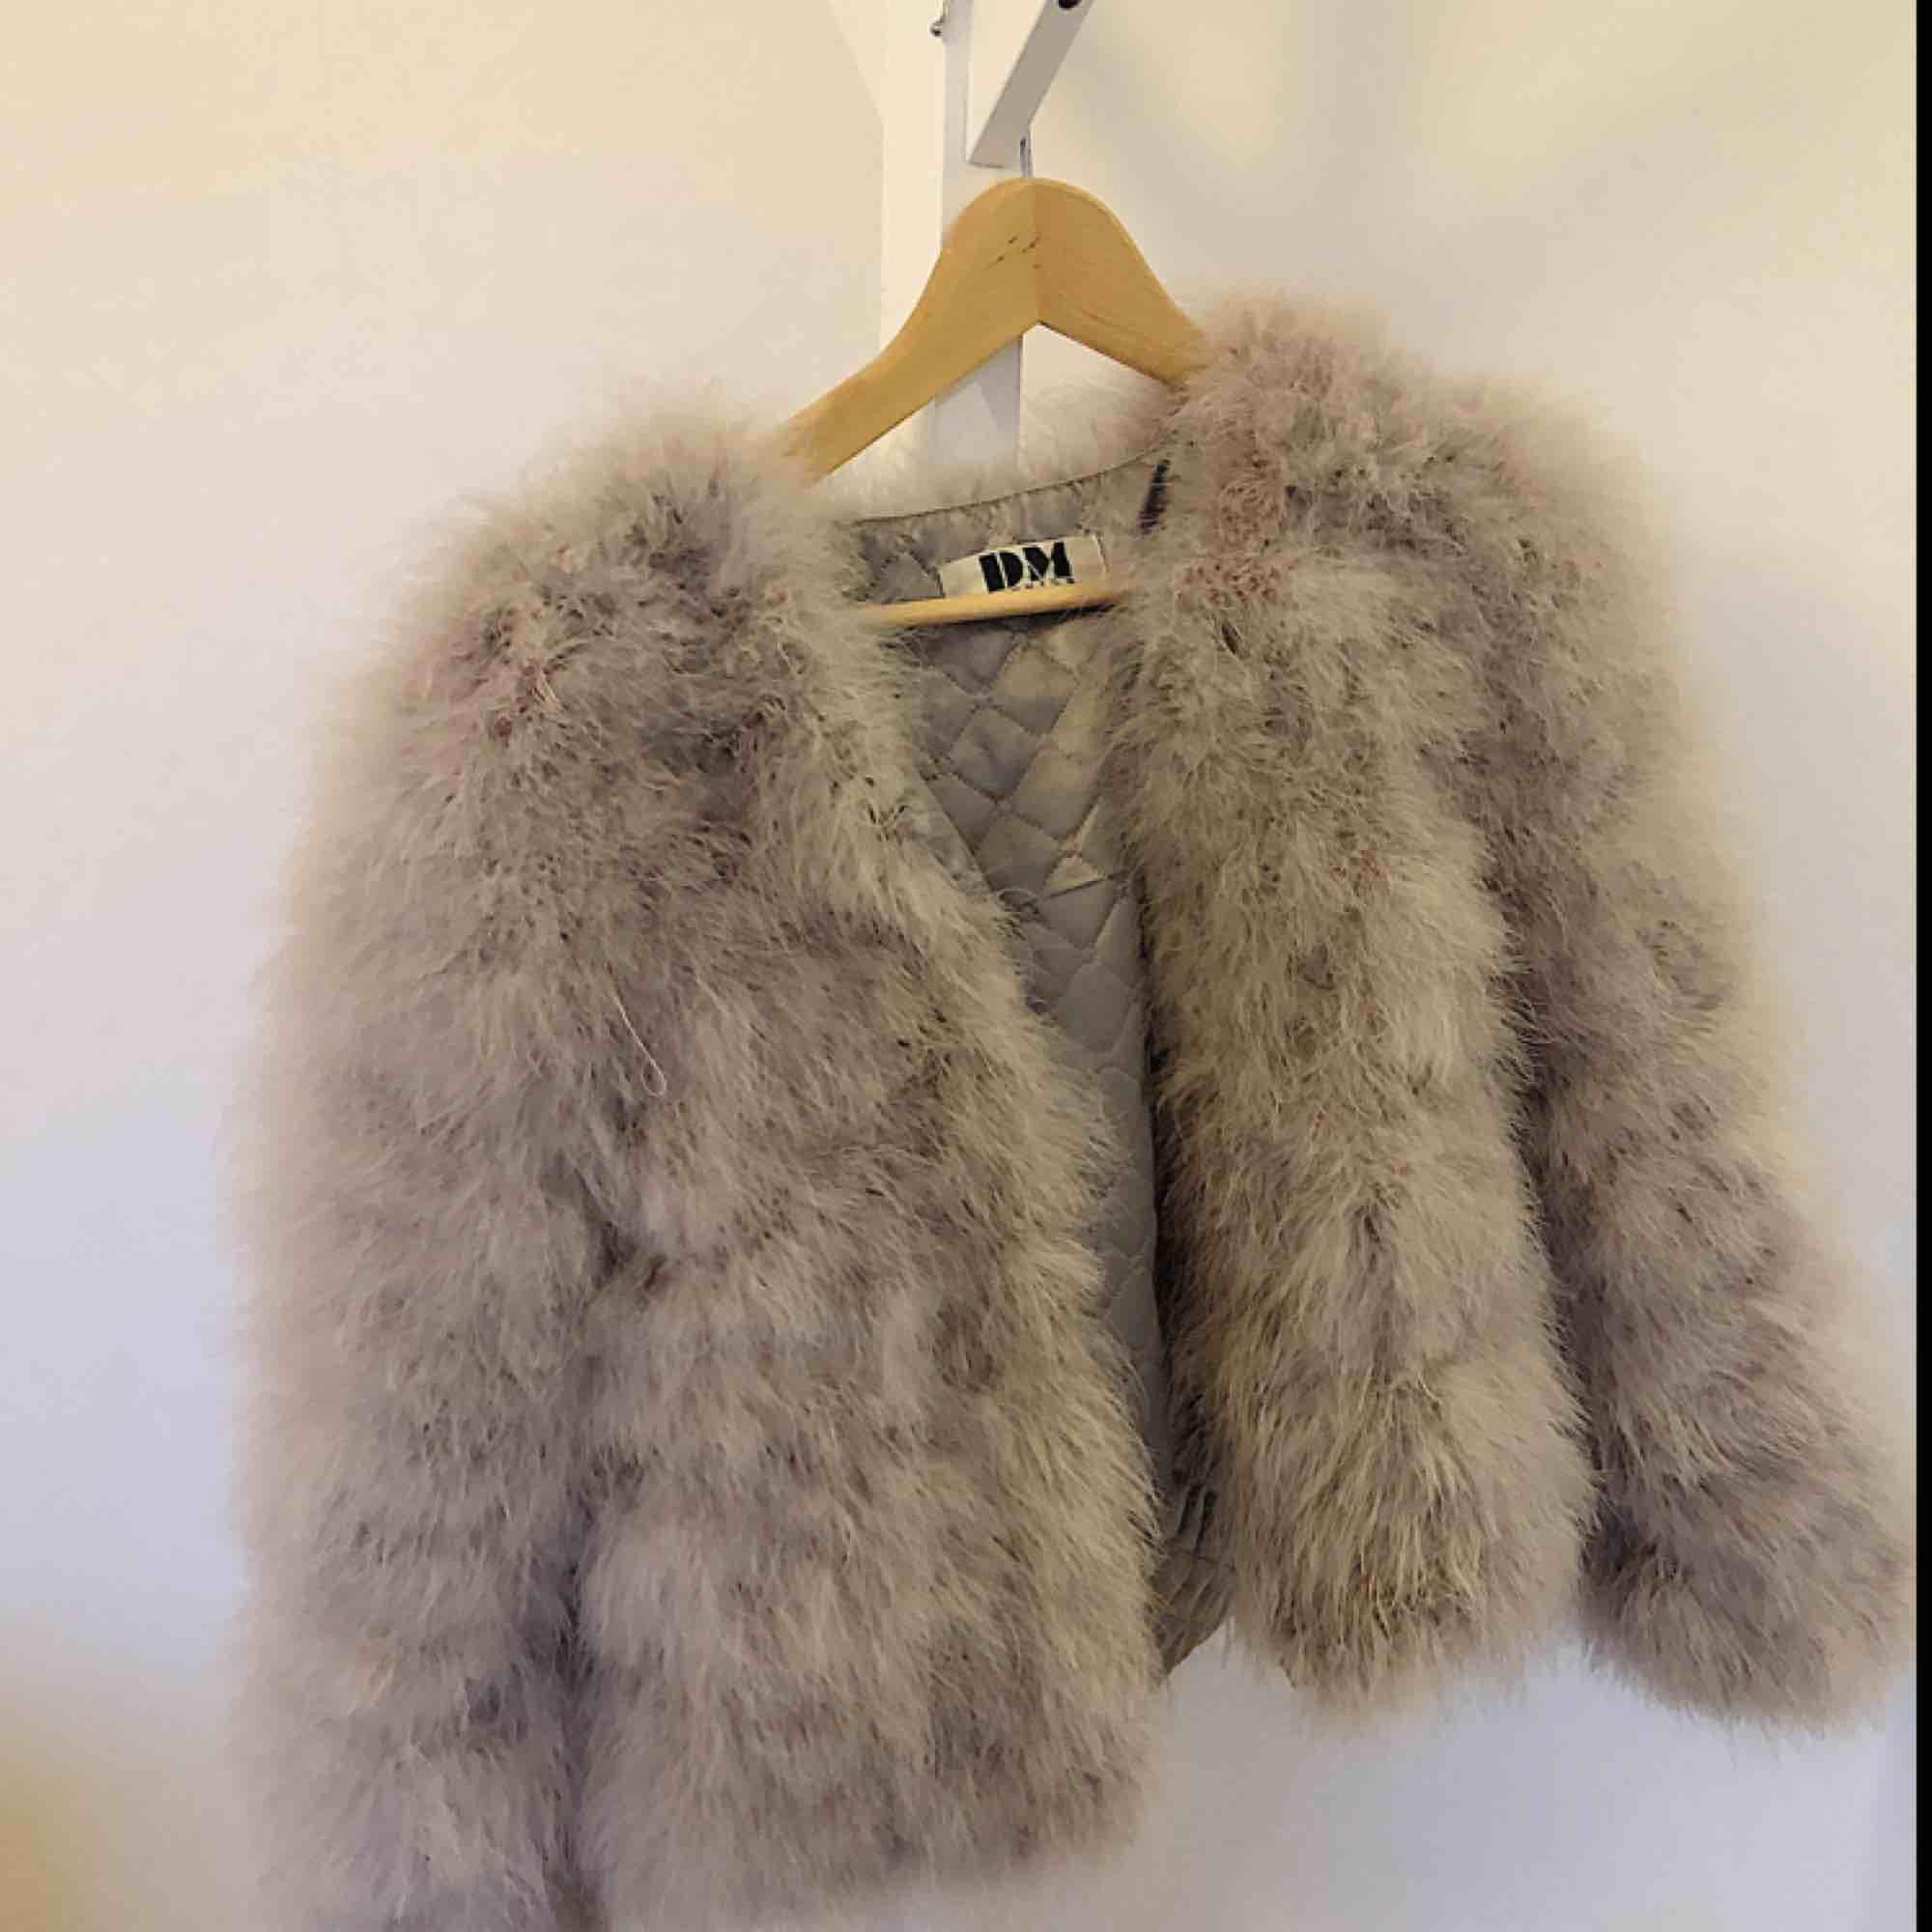 Säljer nu min dream jacket i färgen Ice i från DM retro då det inte är min still längre. Den är i storlek s/m och är köpt för 1300 kr tänkte sälja den för ca 300 men priset går att diskutera. Kan mötas upp i hela skåne, vid frakt inkluderas det i priset!. Jackor.